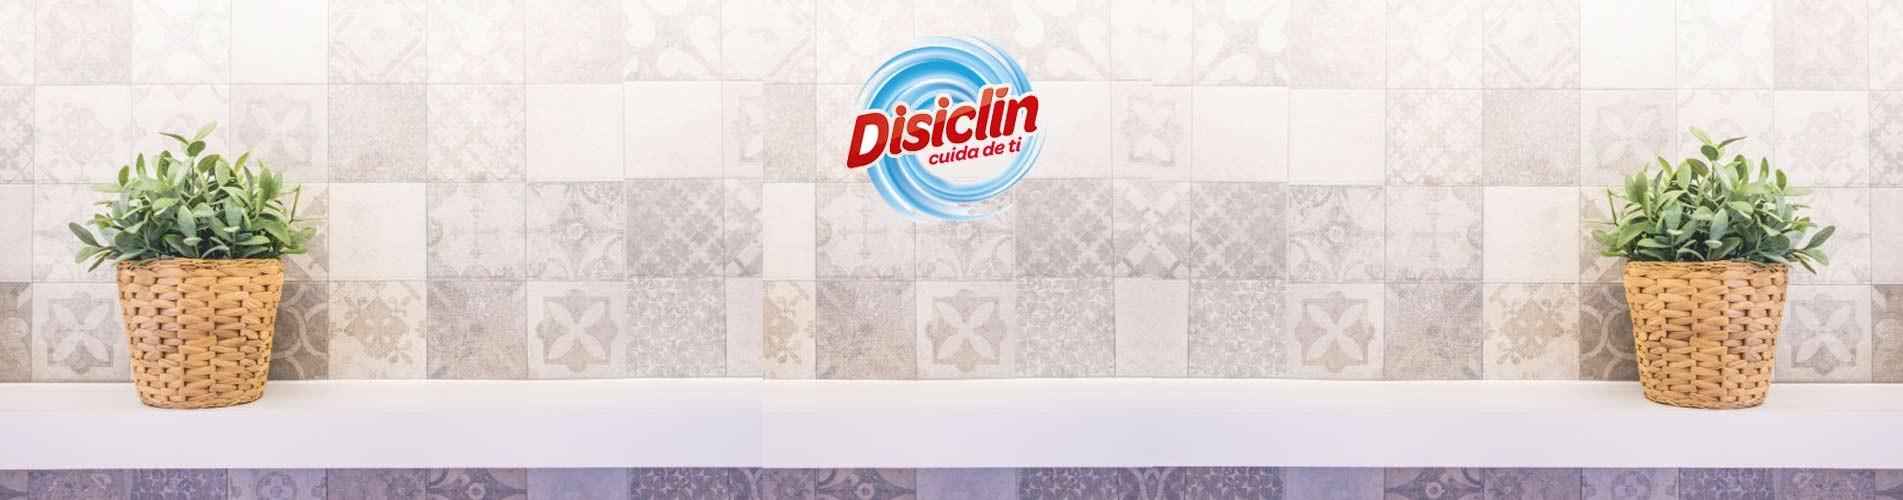 Disiclin, la limpieza para todos los hogares